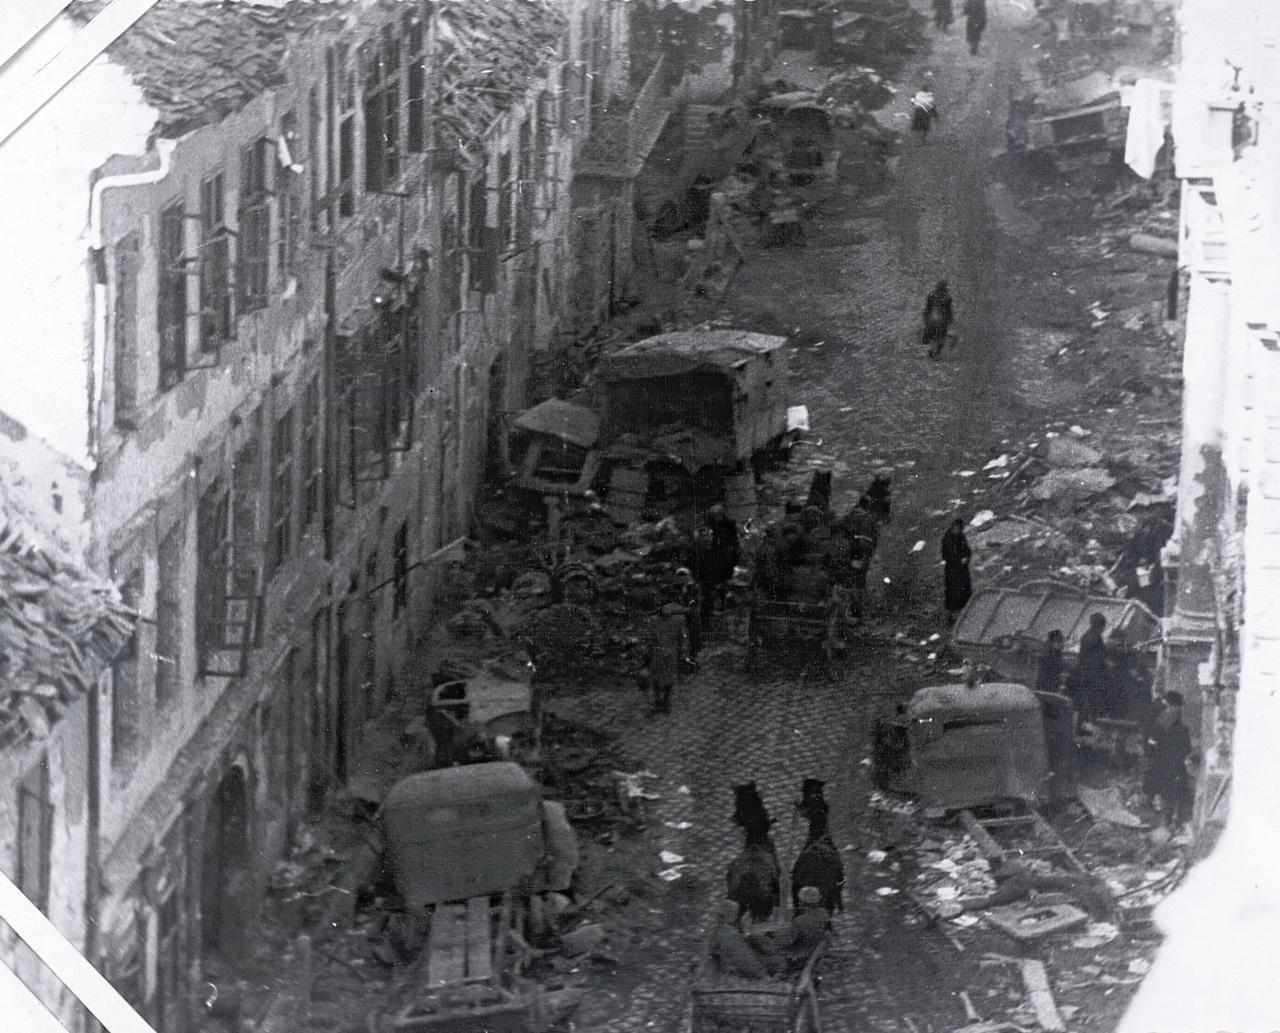 """A Döbrentei utca északi irányba, a Döbrentei 16., 18. vagy 20. számú házból fotózva. A felvétel közvetlenül az ostrom után, 1945. február 13-15 között készülhetett. Ez az utcán heverő lomok mennyiségéből is valószínűsíthető. A kép azonosítása nem egyszerű, mert később szinte mindent lebontottak, ami a felvételen látható. A bal oldalon a Döbrentei utca 15. szám erkélye, és kivehető az épületek előtt húzódó, az utca 19. század végi feltöltésekor keletkezett """"süllyesztett"""" járda, illetve annak korlátja (a kép bal alsó sarka közelében), valamint a kép felső részében az 15. szám erkélye mellett-mögött a feljáró lépcső néhány foka. Minden más ma már nem látható. A mai utcaképet ide kattintva nézheti meg."""